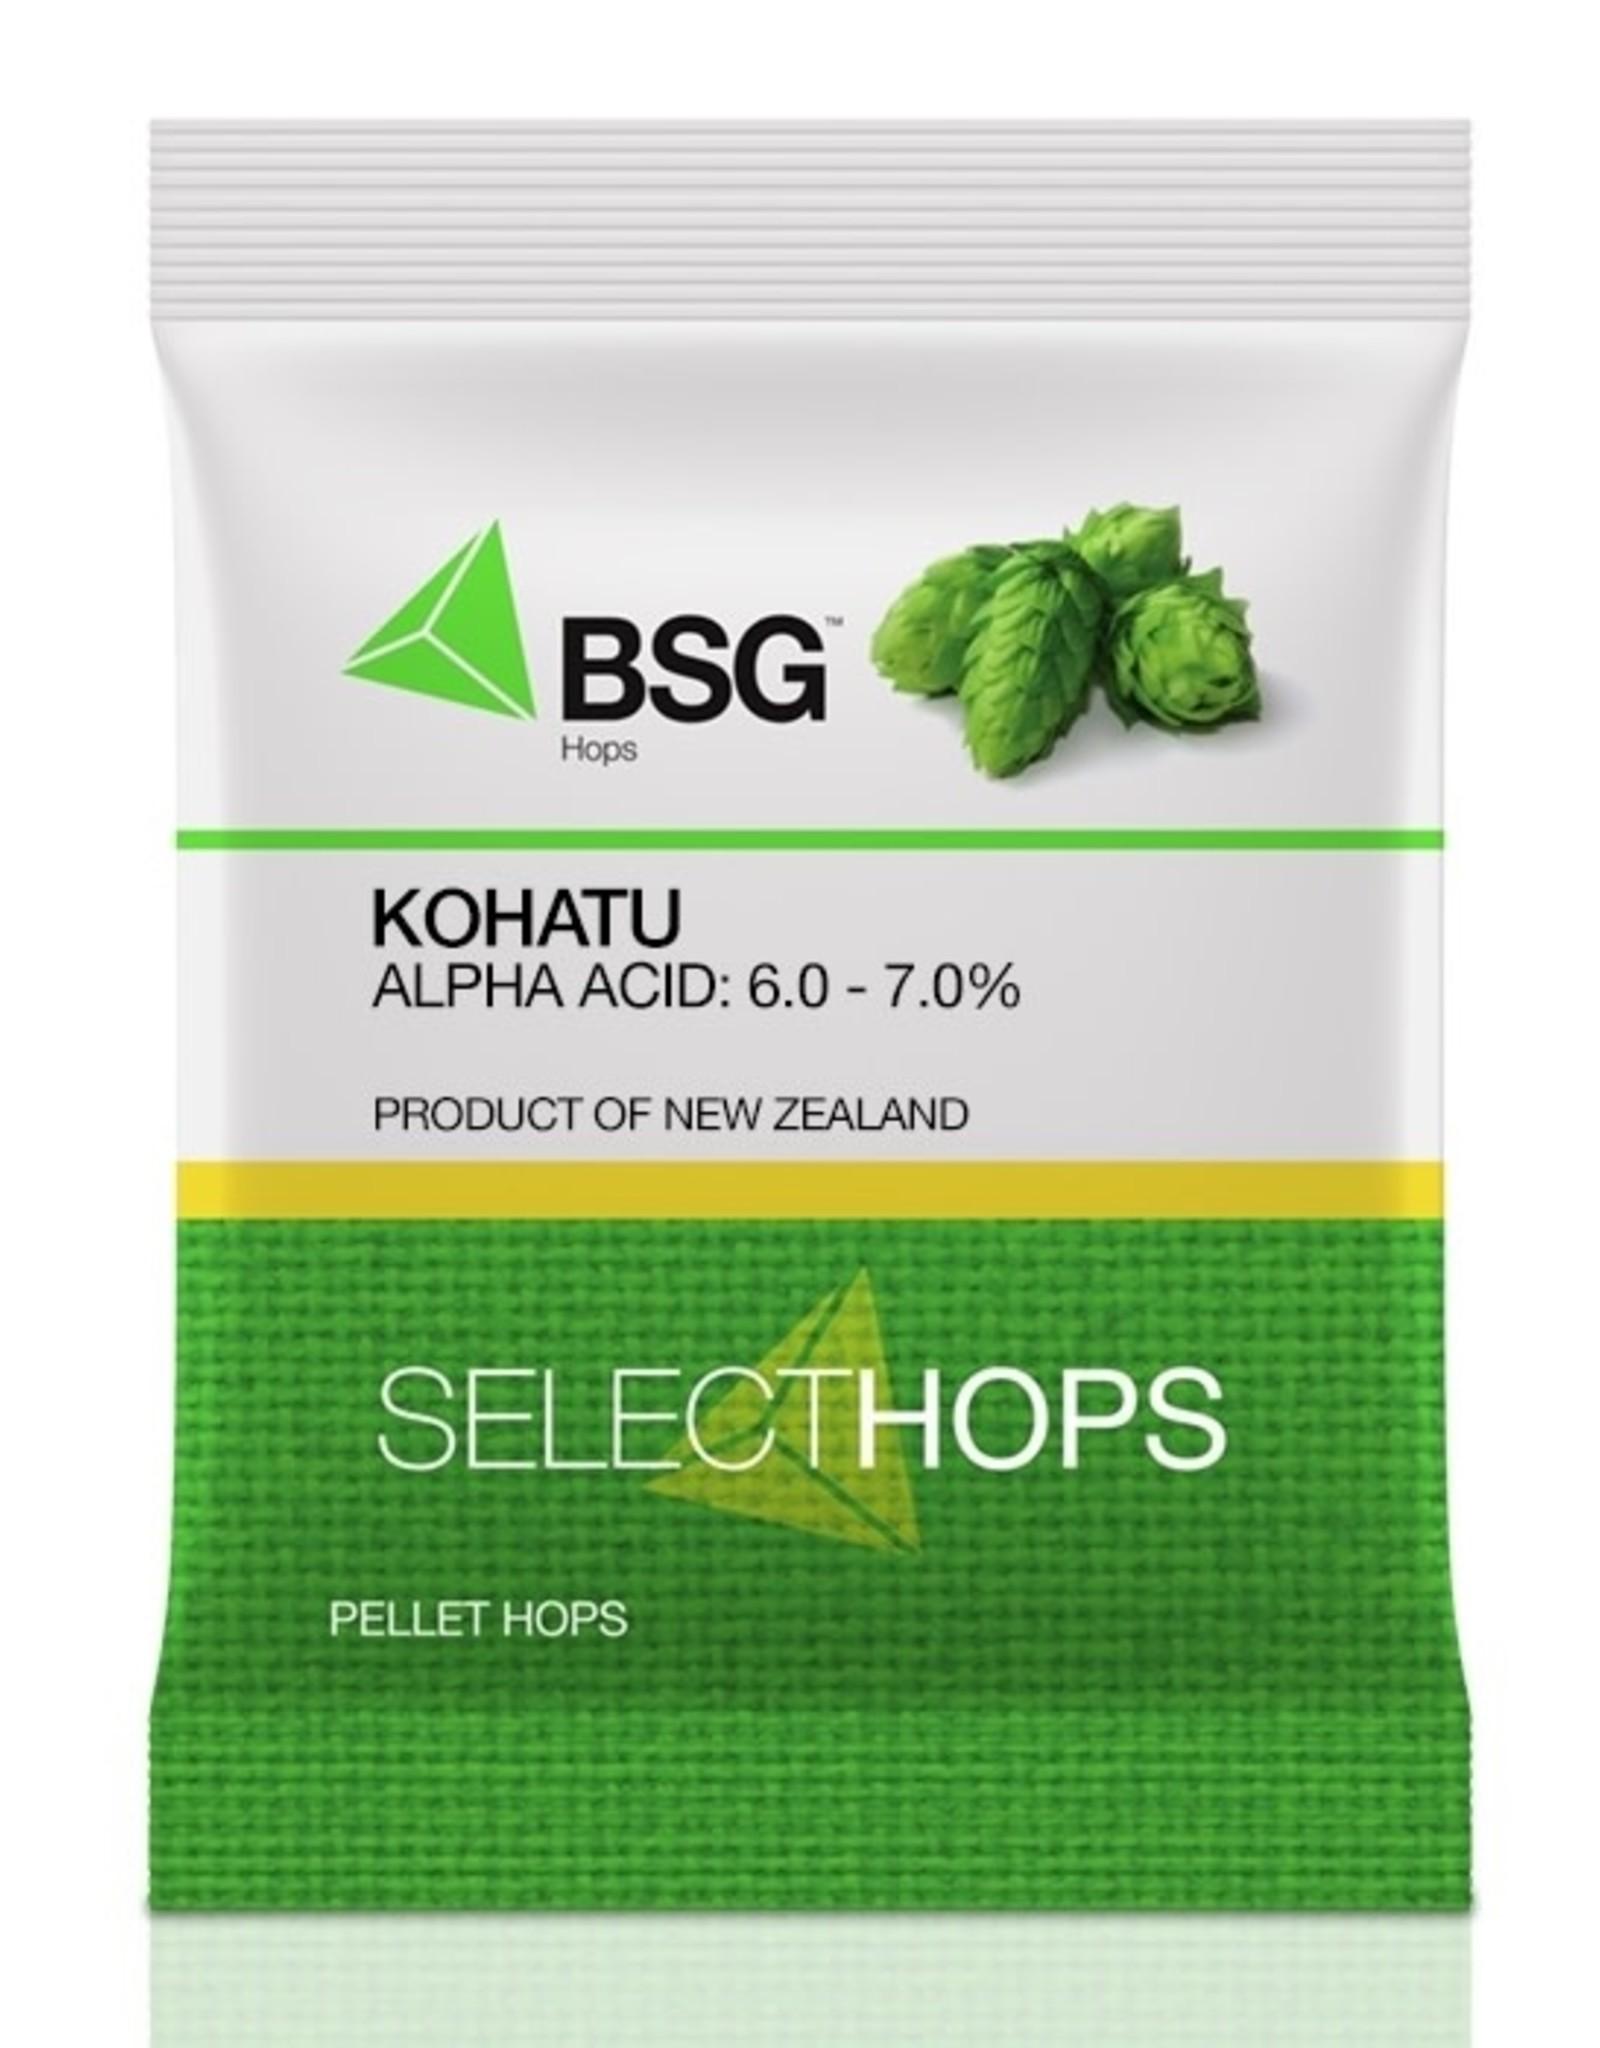 Kohatu® (NZ) Hop Pellets 1 oz